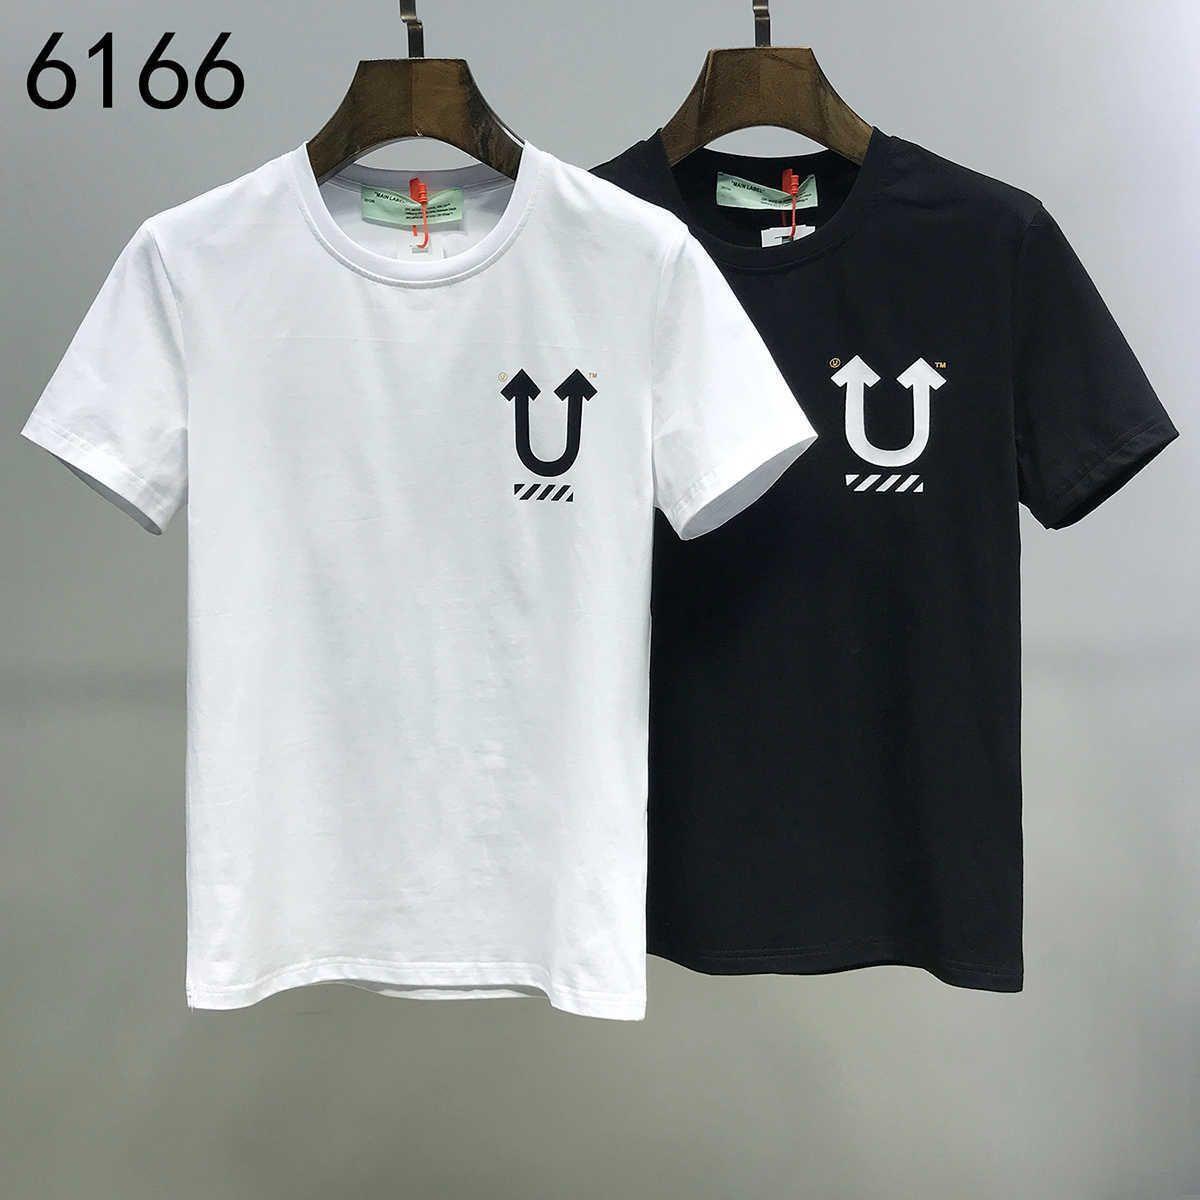 Bonito New Moda e Design original de homens e mulheres T Shirt Pure Cotton manga curta T Shirt Best Seller e Estilo Simples